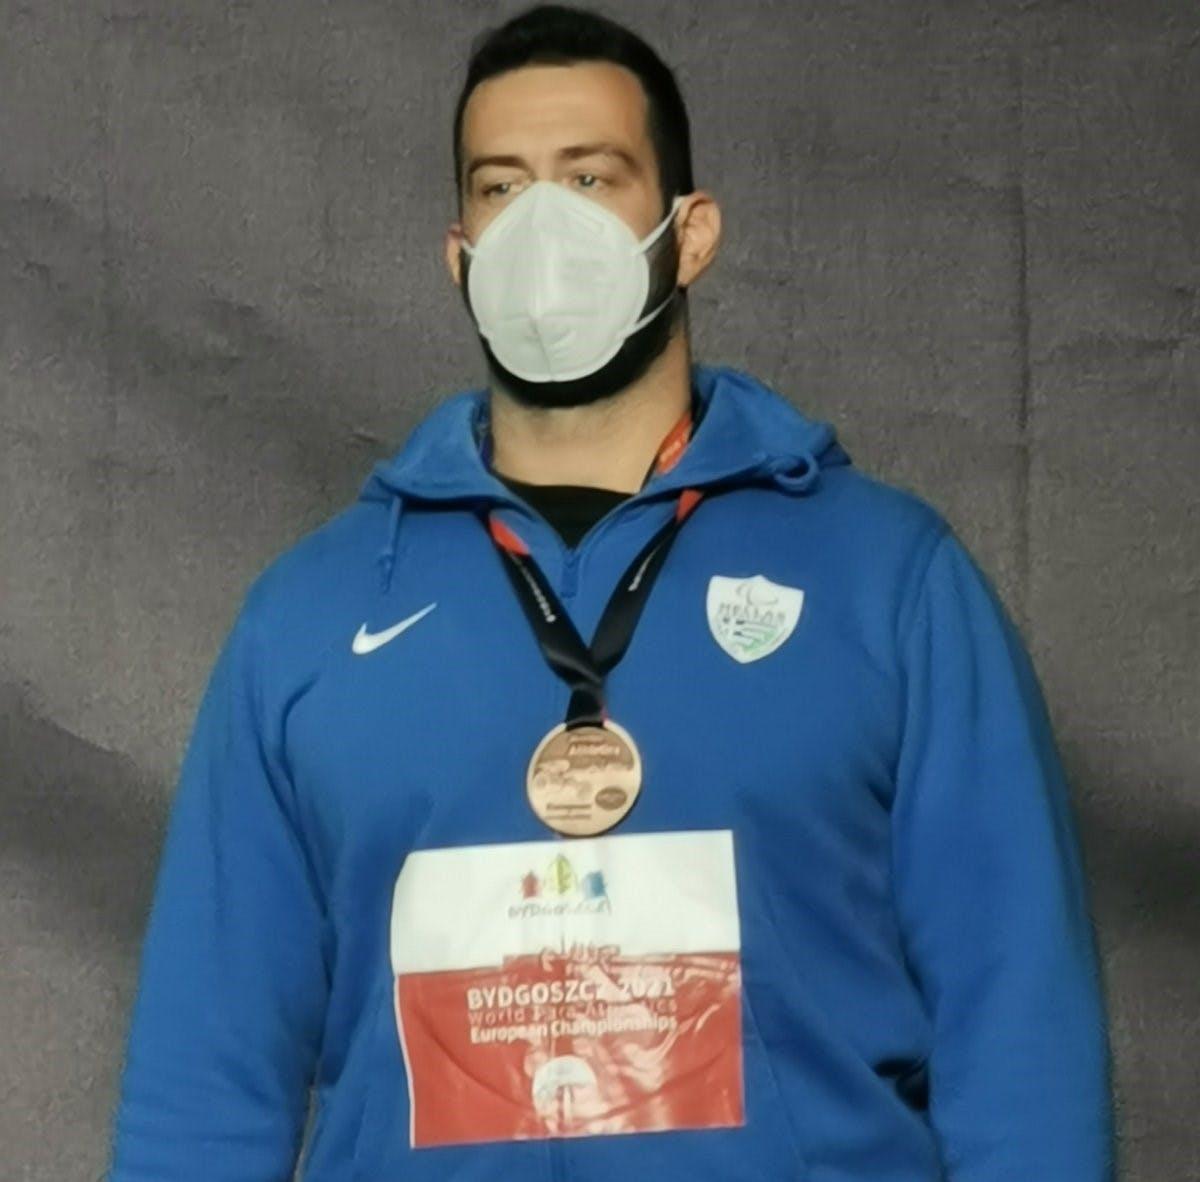 Τρία τα μετάλλια της Ελλάδας ως τώρα στο Ευρωπαϊκό πρωτάθλημα στίβου ΑμεΑ